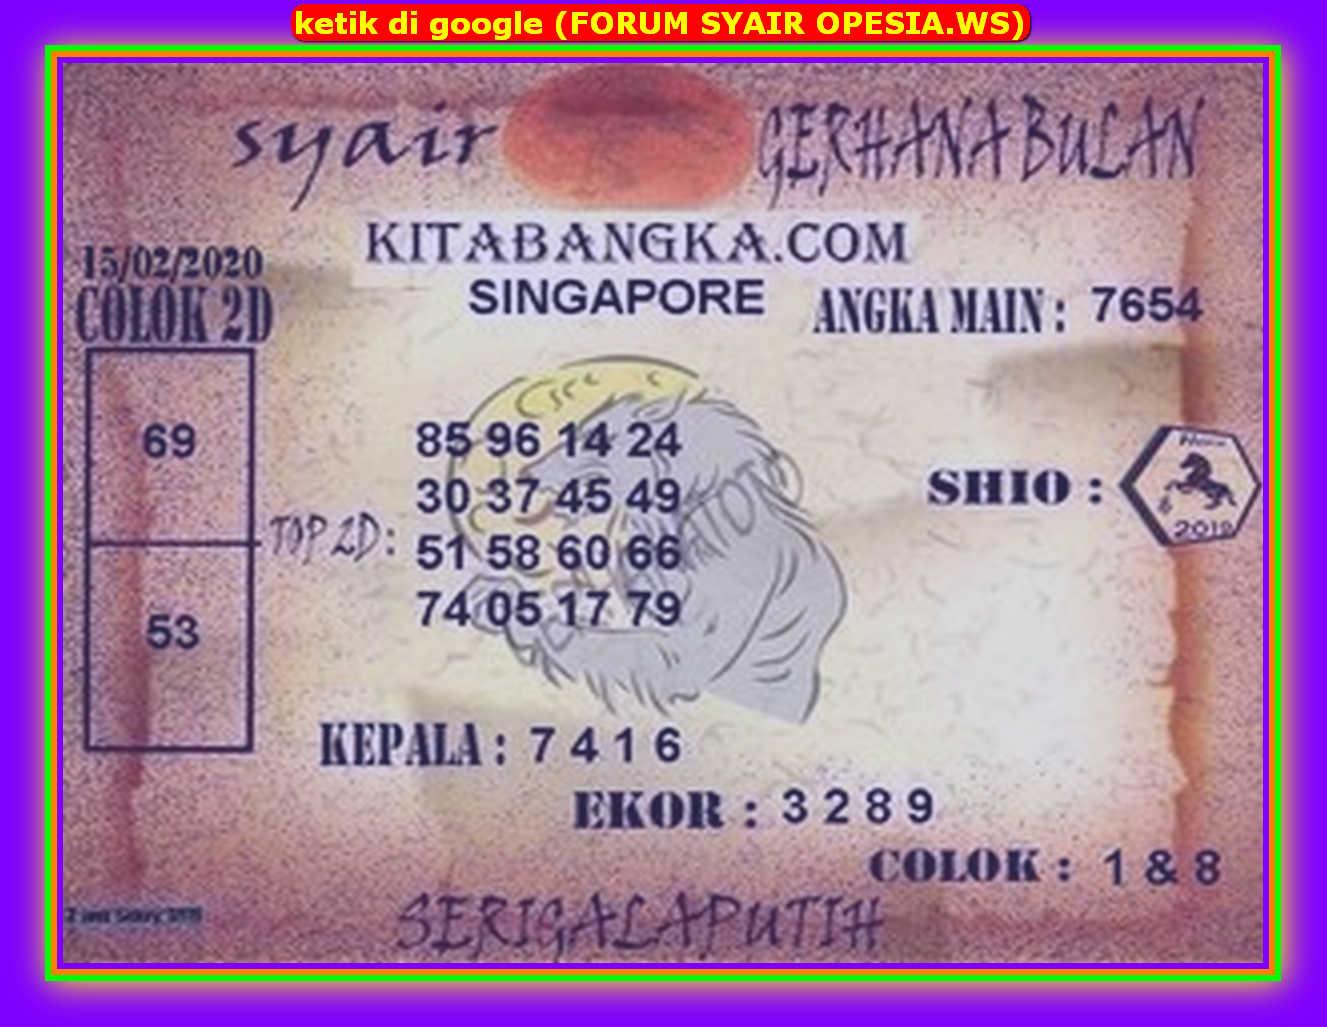 Kode syair Singapore Sabtu 15 Februari 2020 104